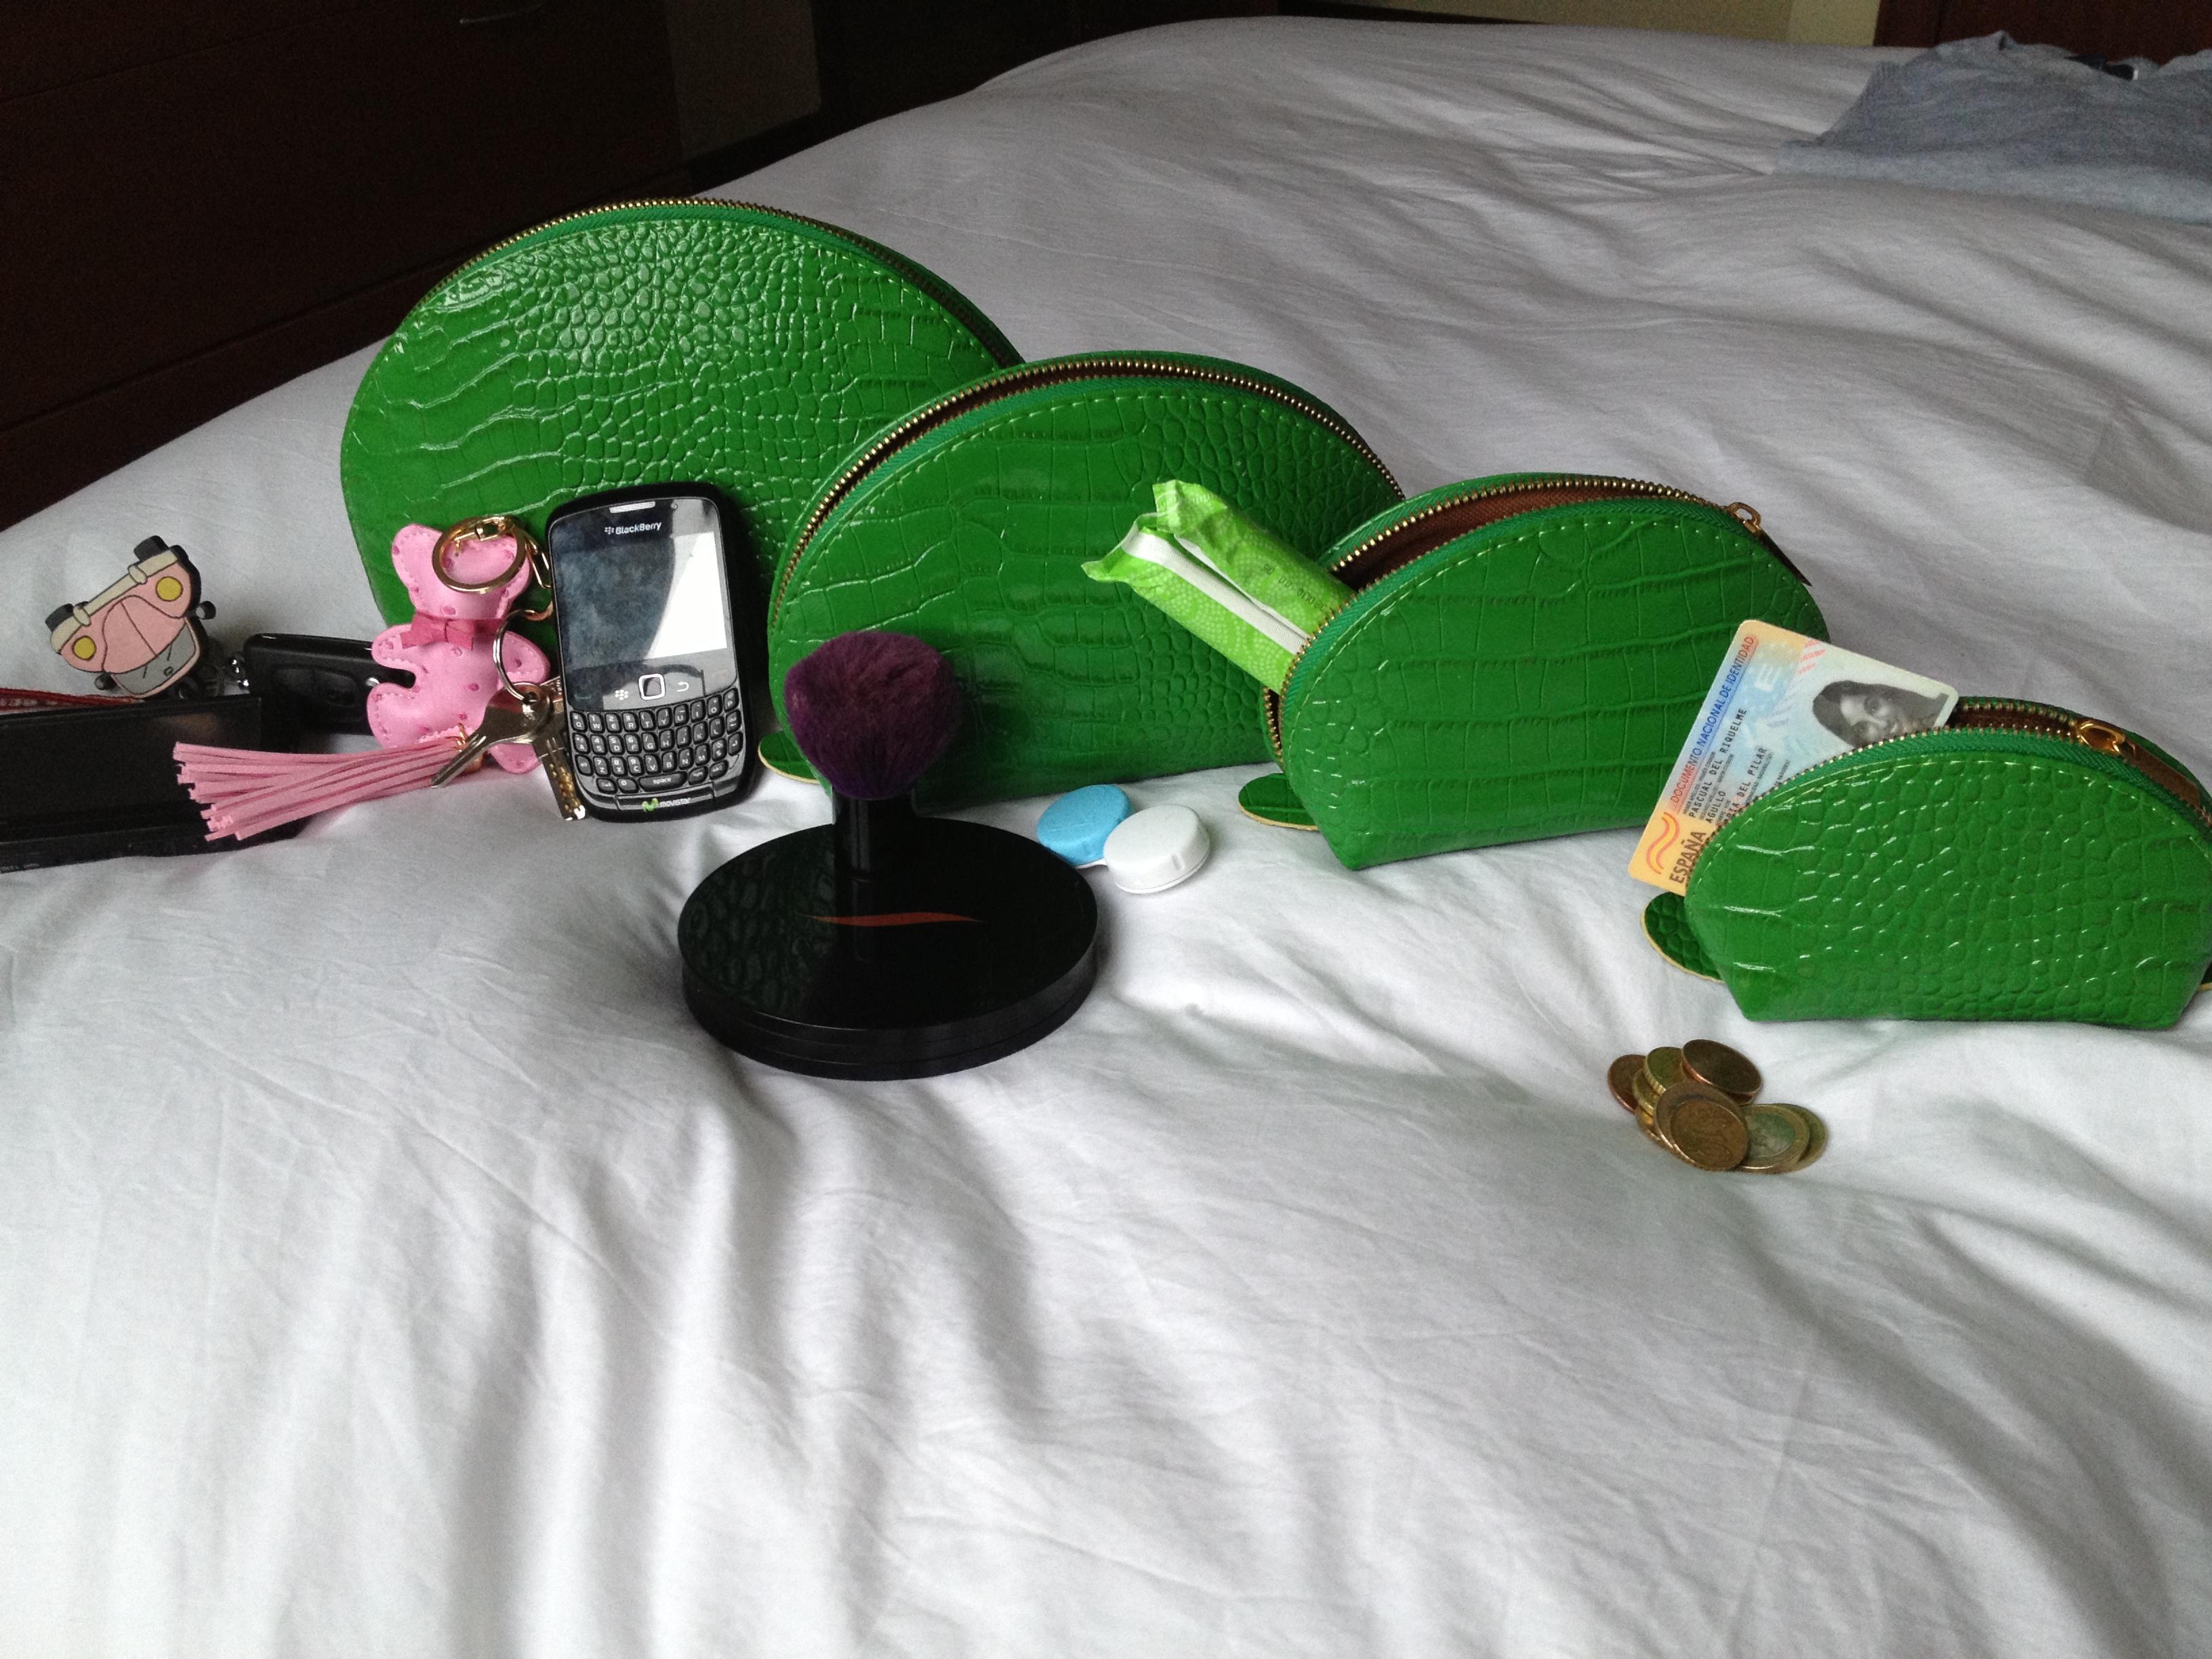 Un regalo original barato y pr ctico para cualquier chica - Ideas para un regalo original ...